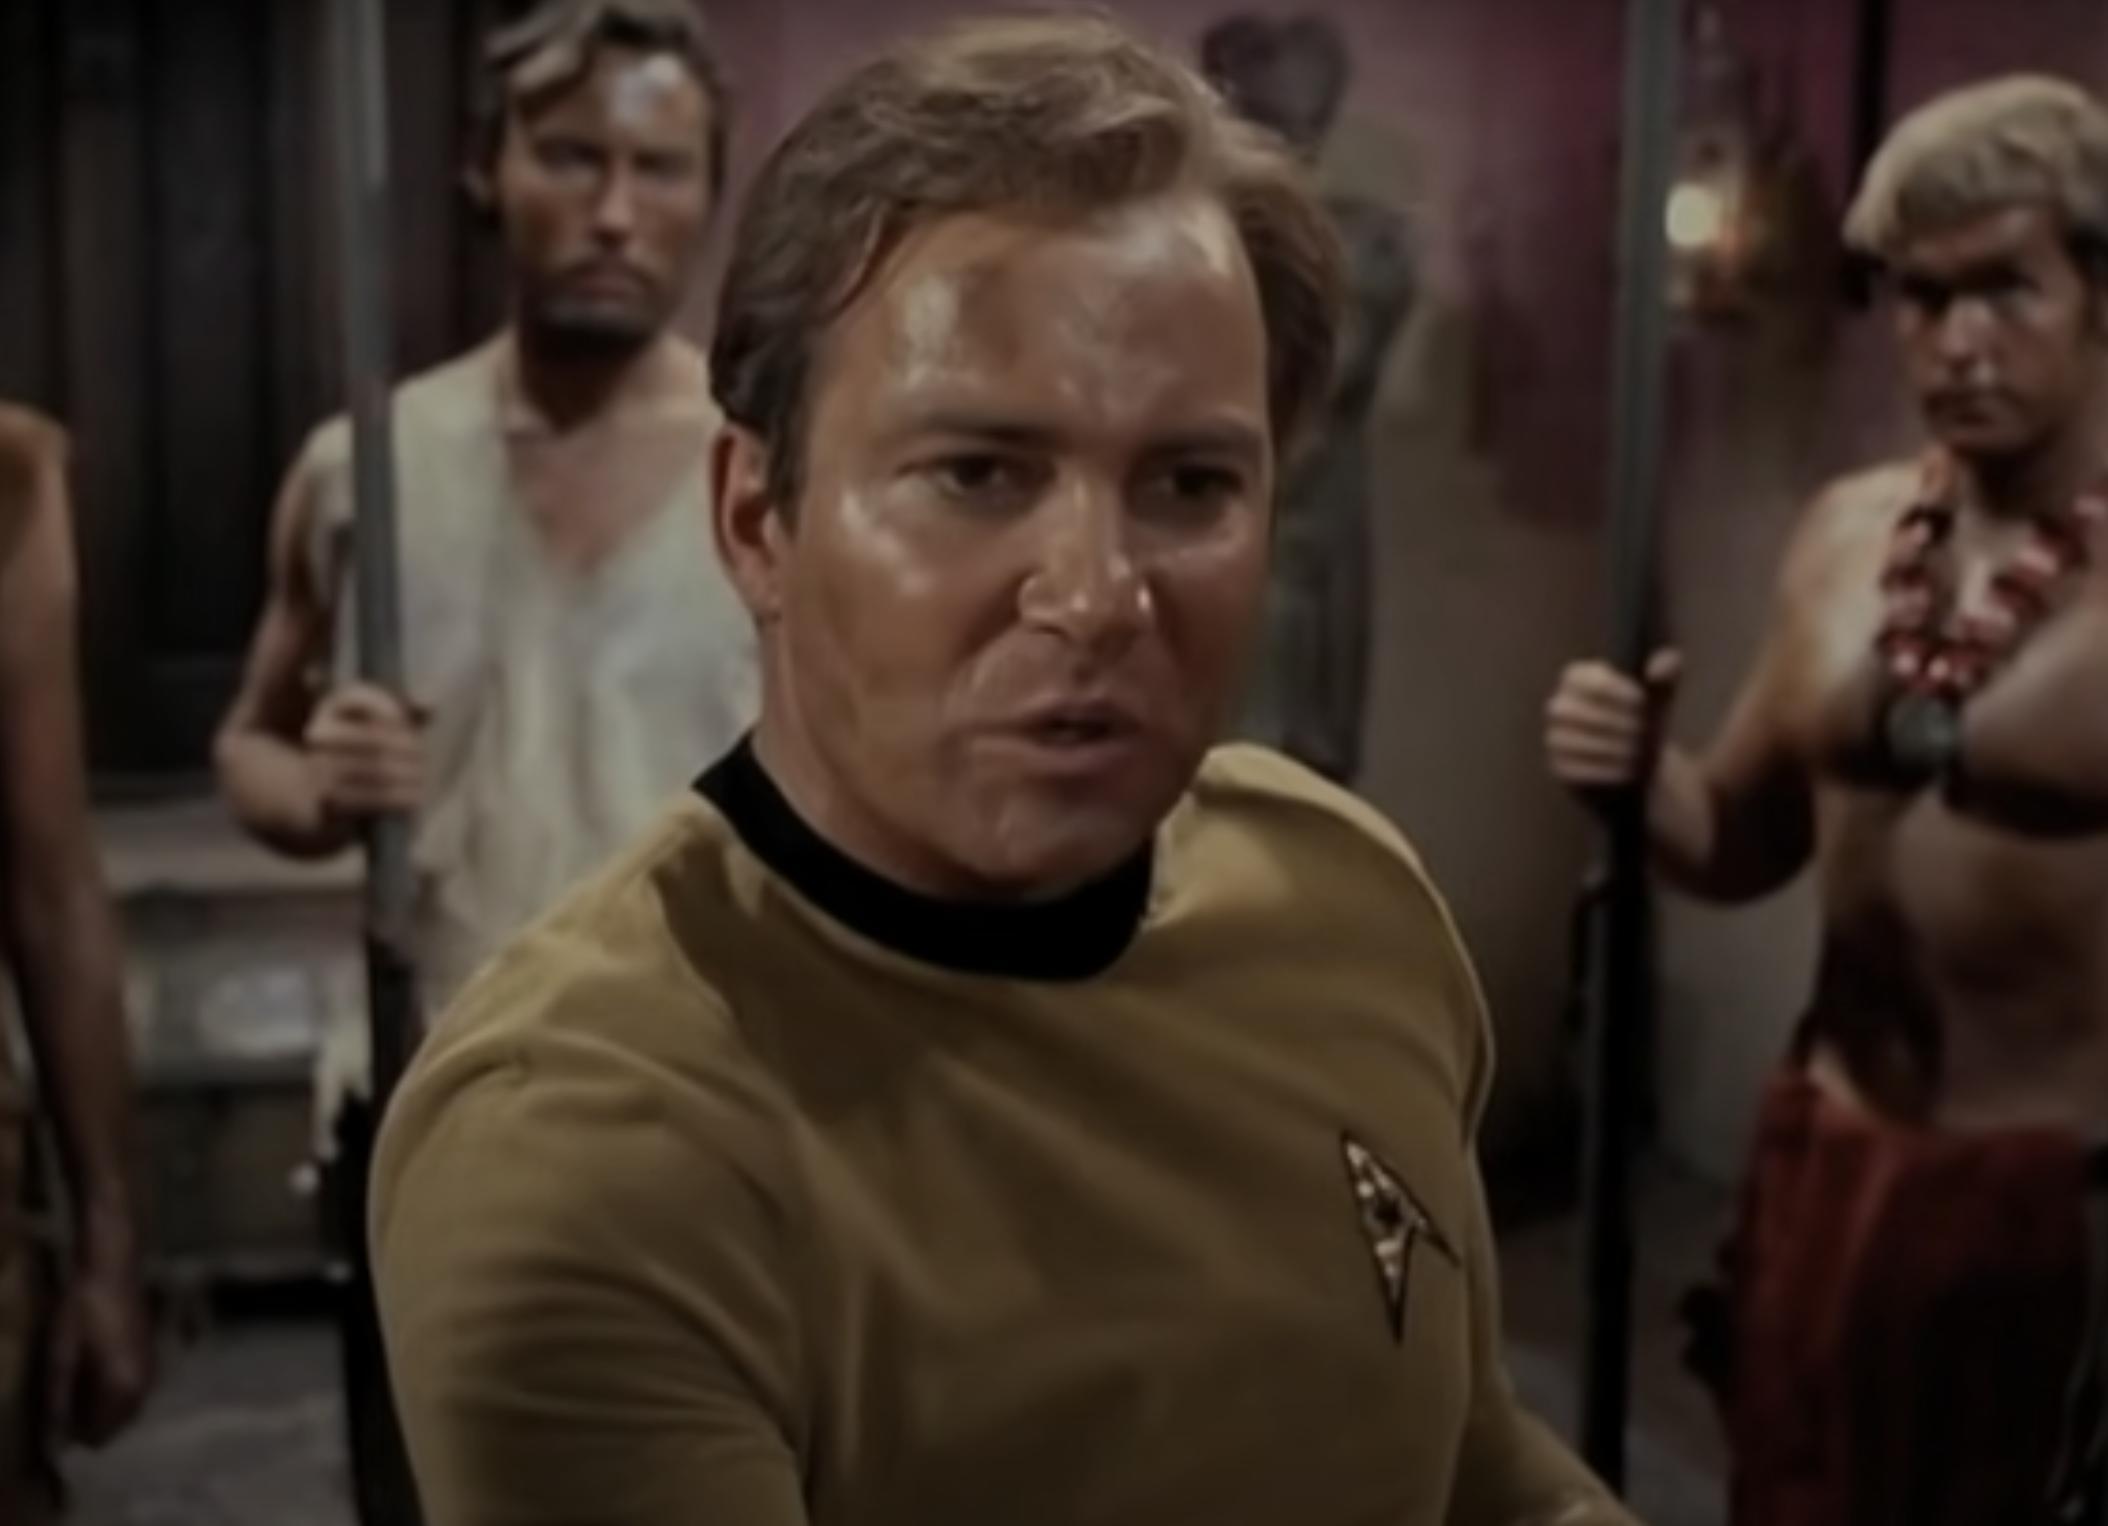 Captain Kirk giving a speech in an episode of Star Trek